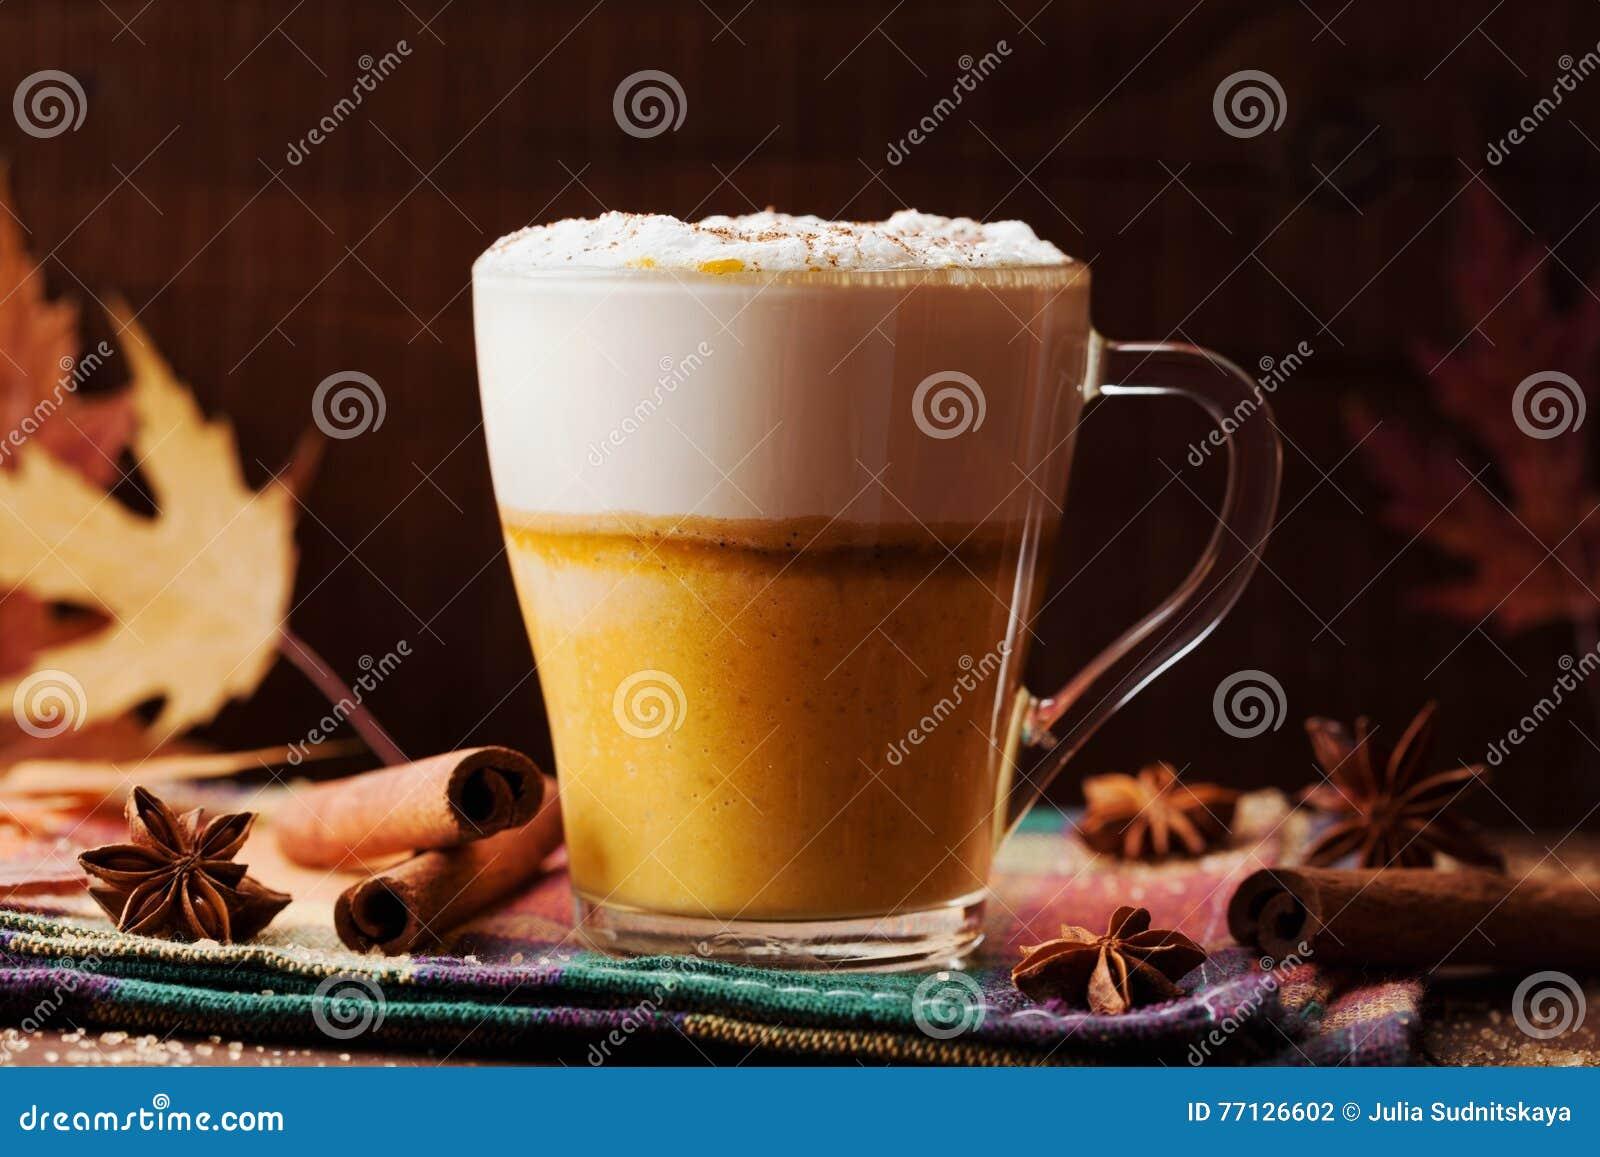 Η κολοκύθα καρύκευσε latte ή καφές σε ένα γυαλί σε έναν ξύλινο εκλεκτής ποιότητας πίνακα Ζεστό ποτό φθινοπώρου ή χειμώνα